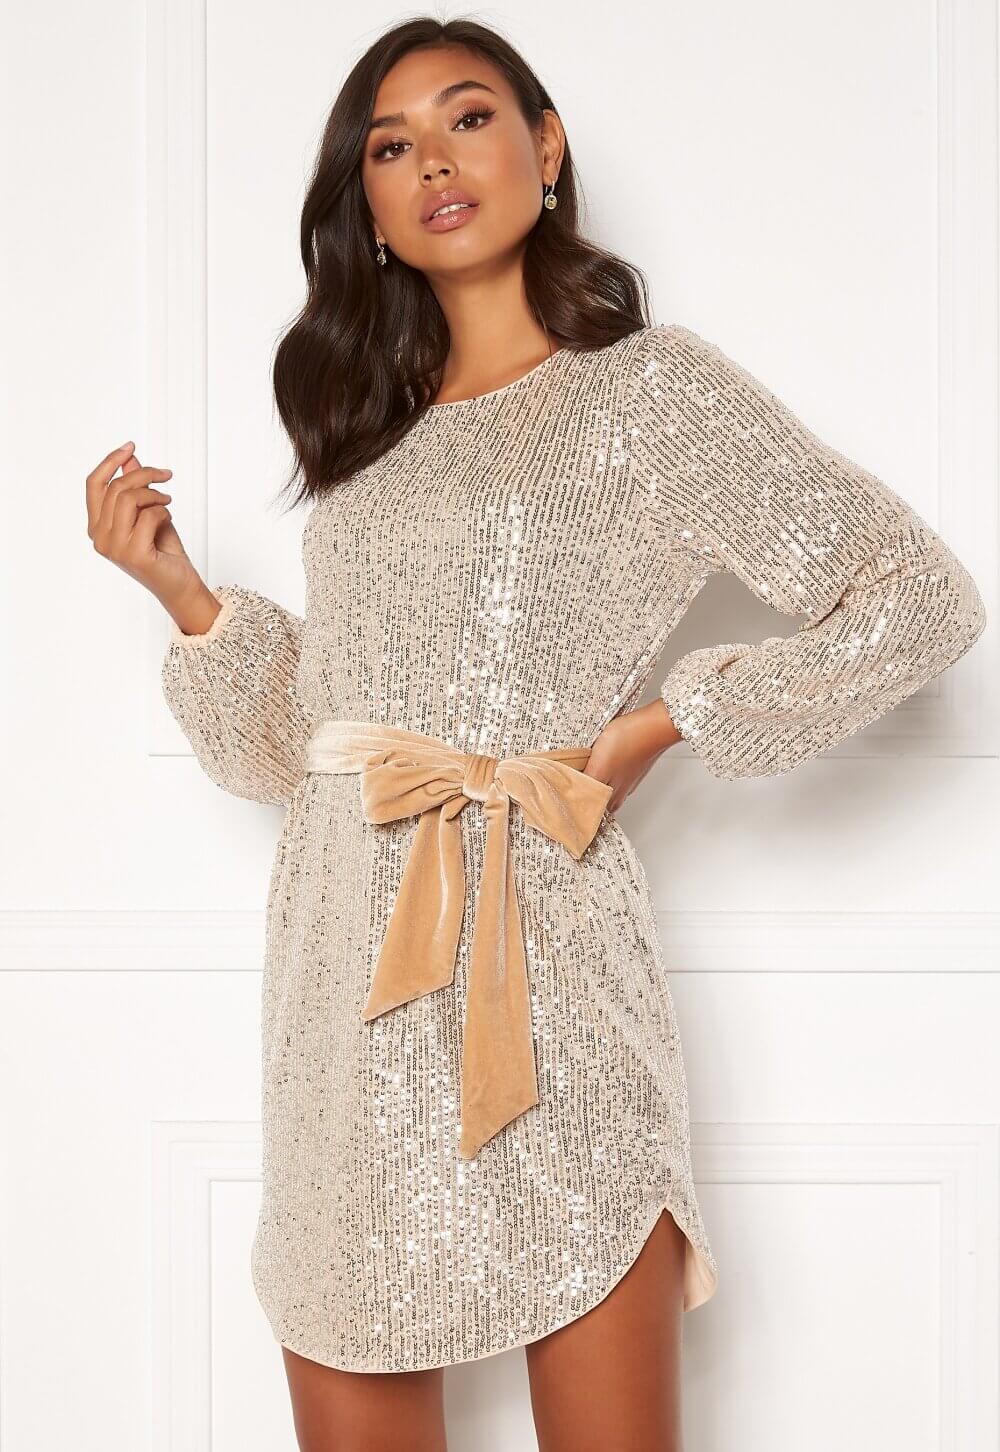 Paljettklänning med knytband i midjan.